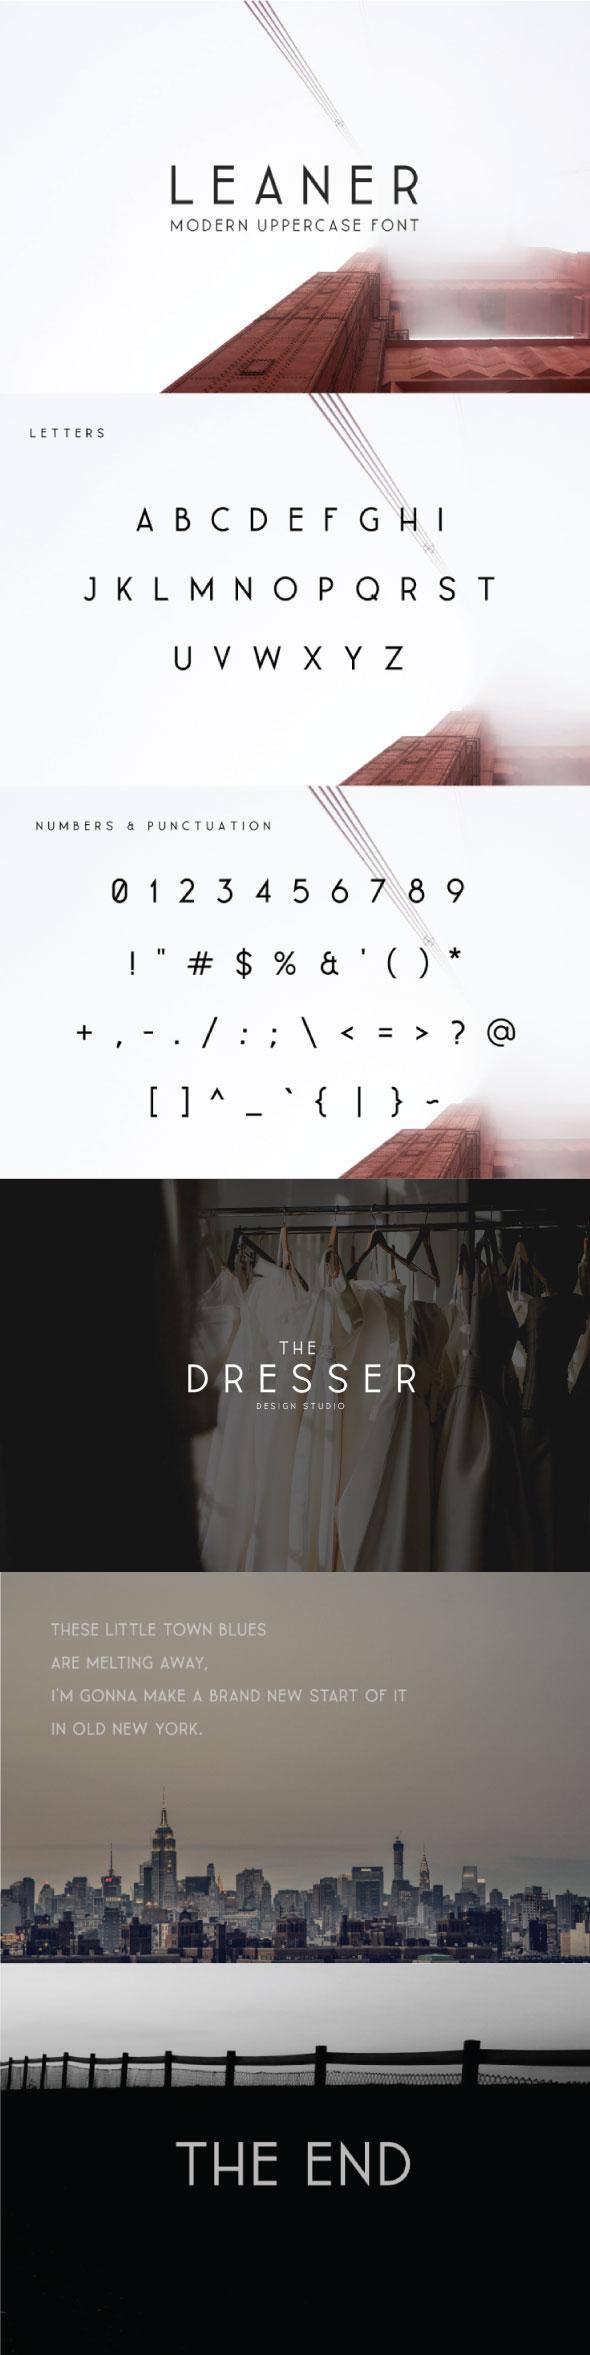 Leaner Typeface - Sans-Serif Fonts